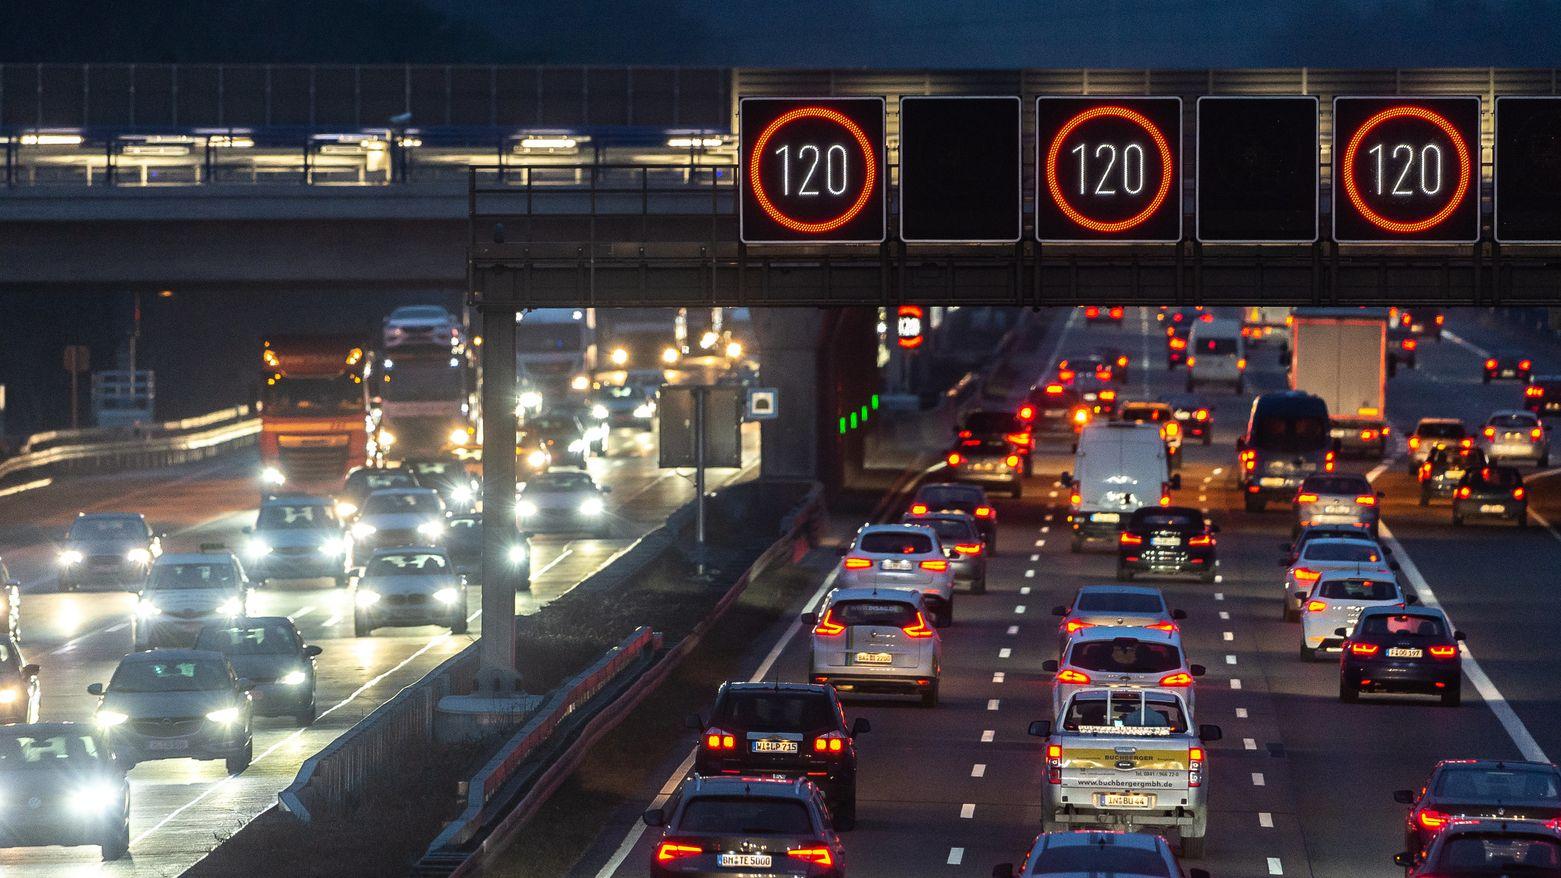 Geschwindigkeitsbegrenzung 120 auf der Autobahn